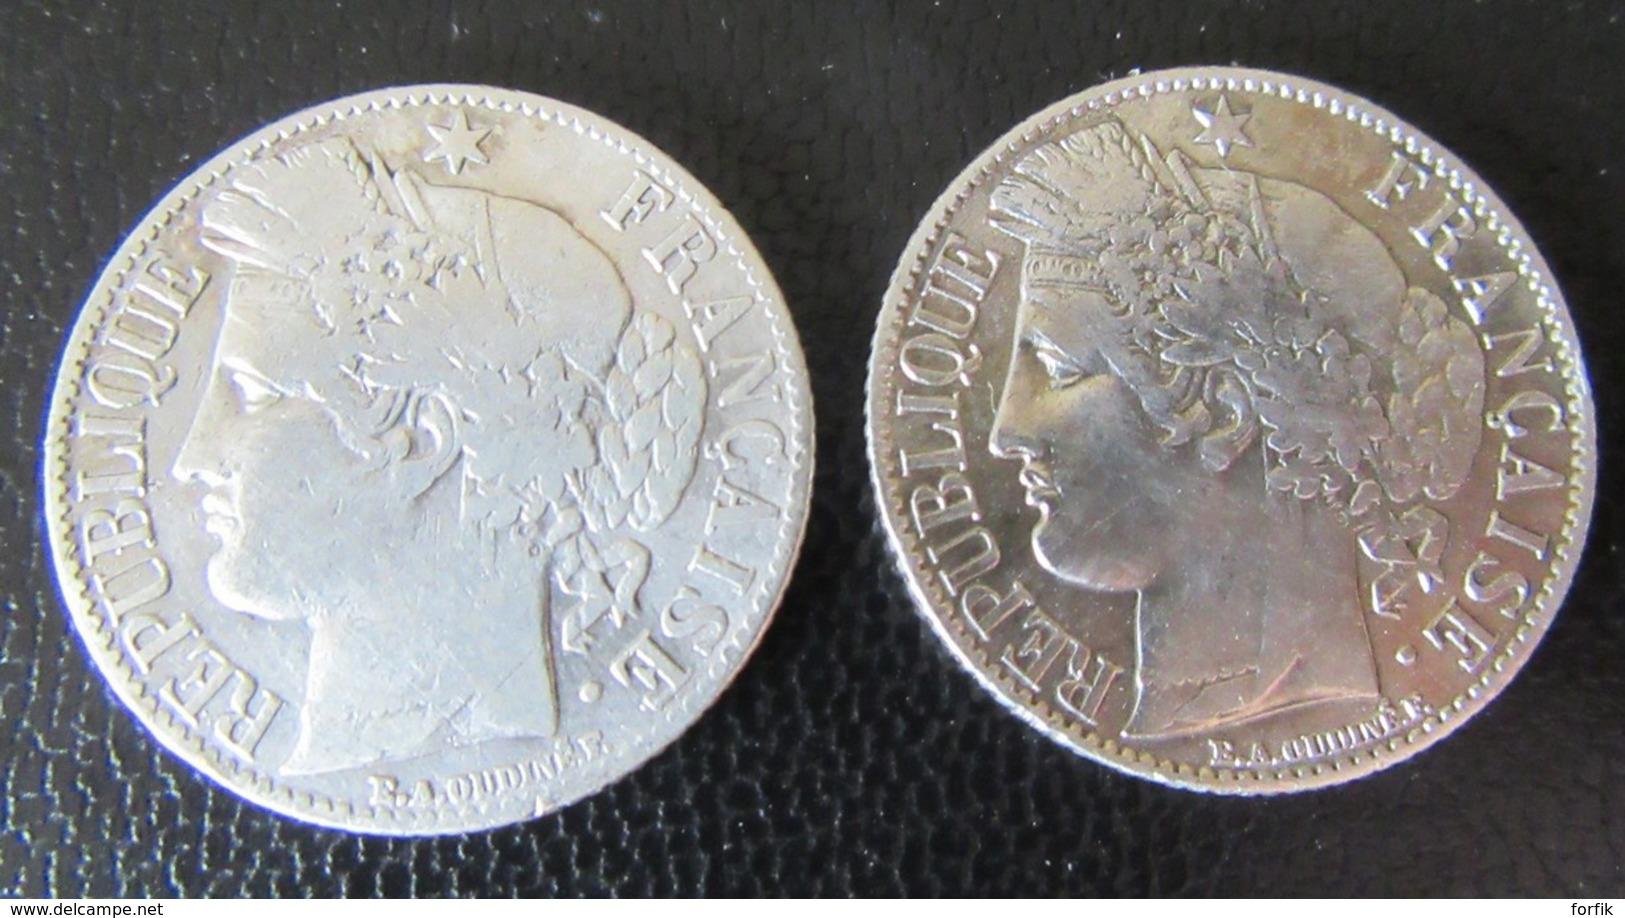 France - Lot De 7 Monnaies 1 Franc Et 2 Francs Cérès Et Semeuse Roty 1887/1915 - Argent - France